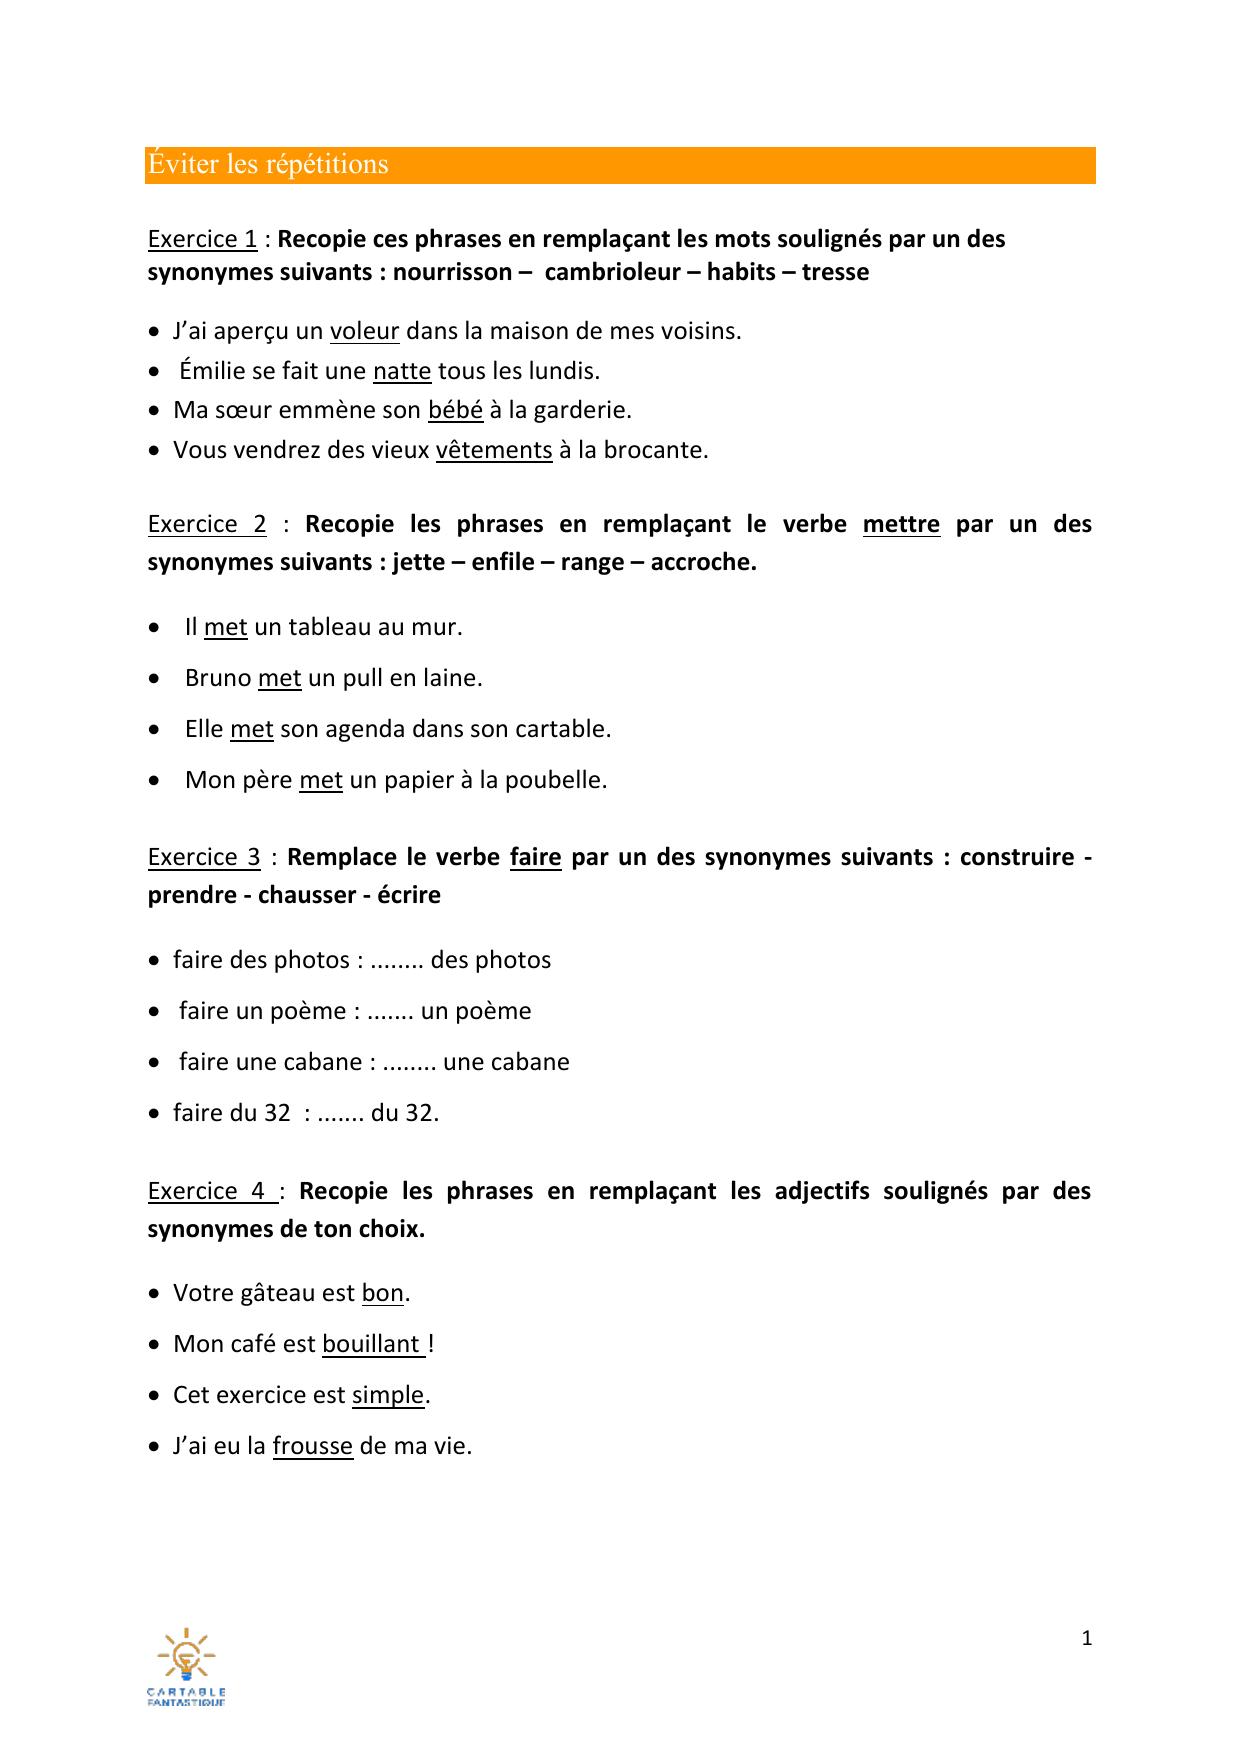 Exercice 5 Remplace Les Mots Soulignes Par Des Synonymes De